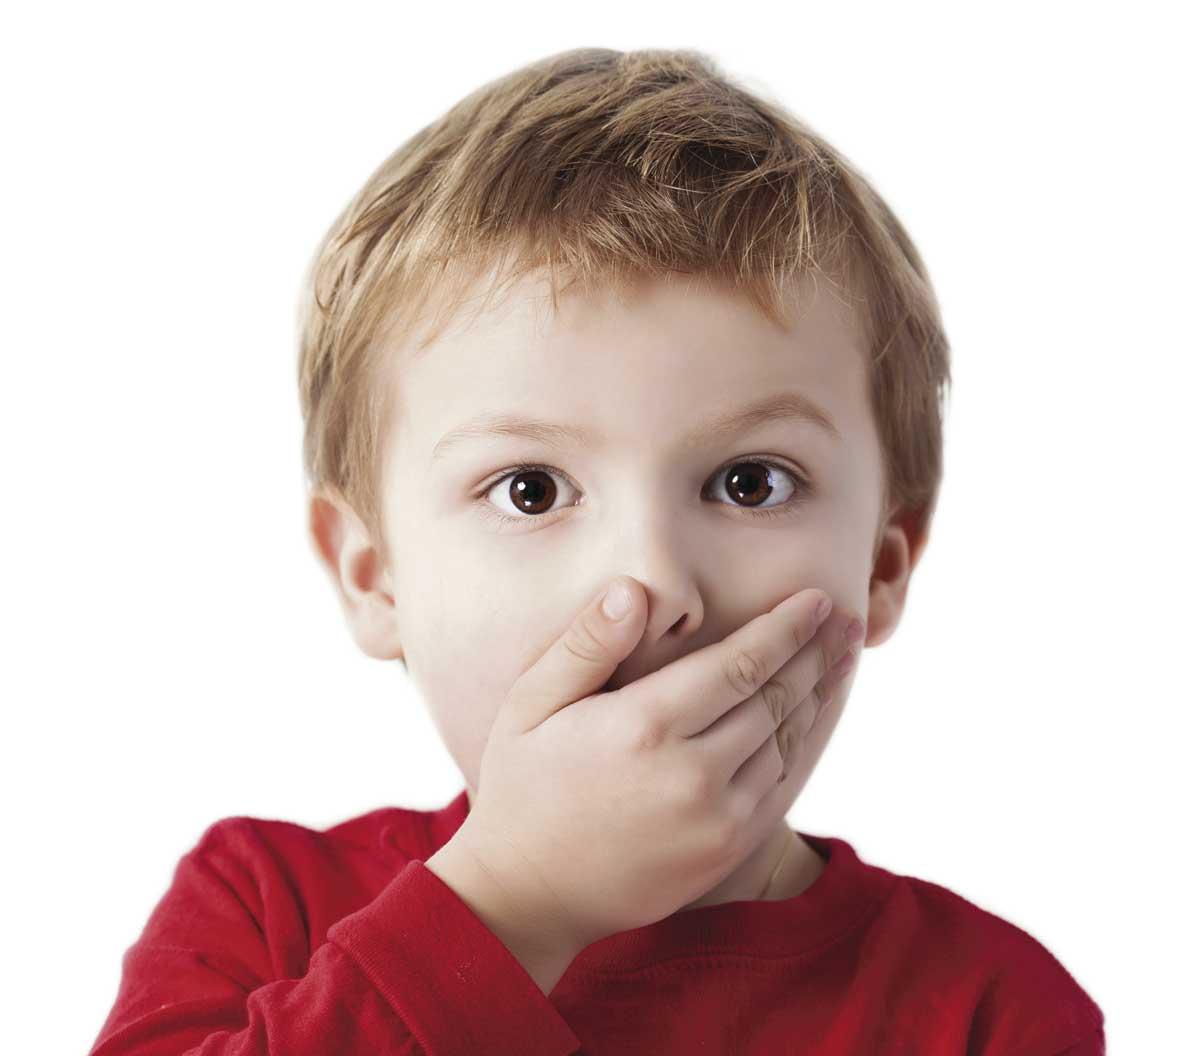 Новорожденный: лечить или пройдет? 7 вопросов неврологу. ребенок вздрагивает, срыгивает, трясутся ручки и ножки - нужно ли лечить?